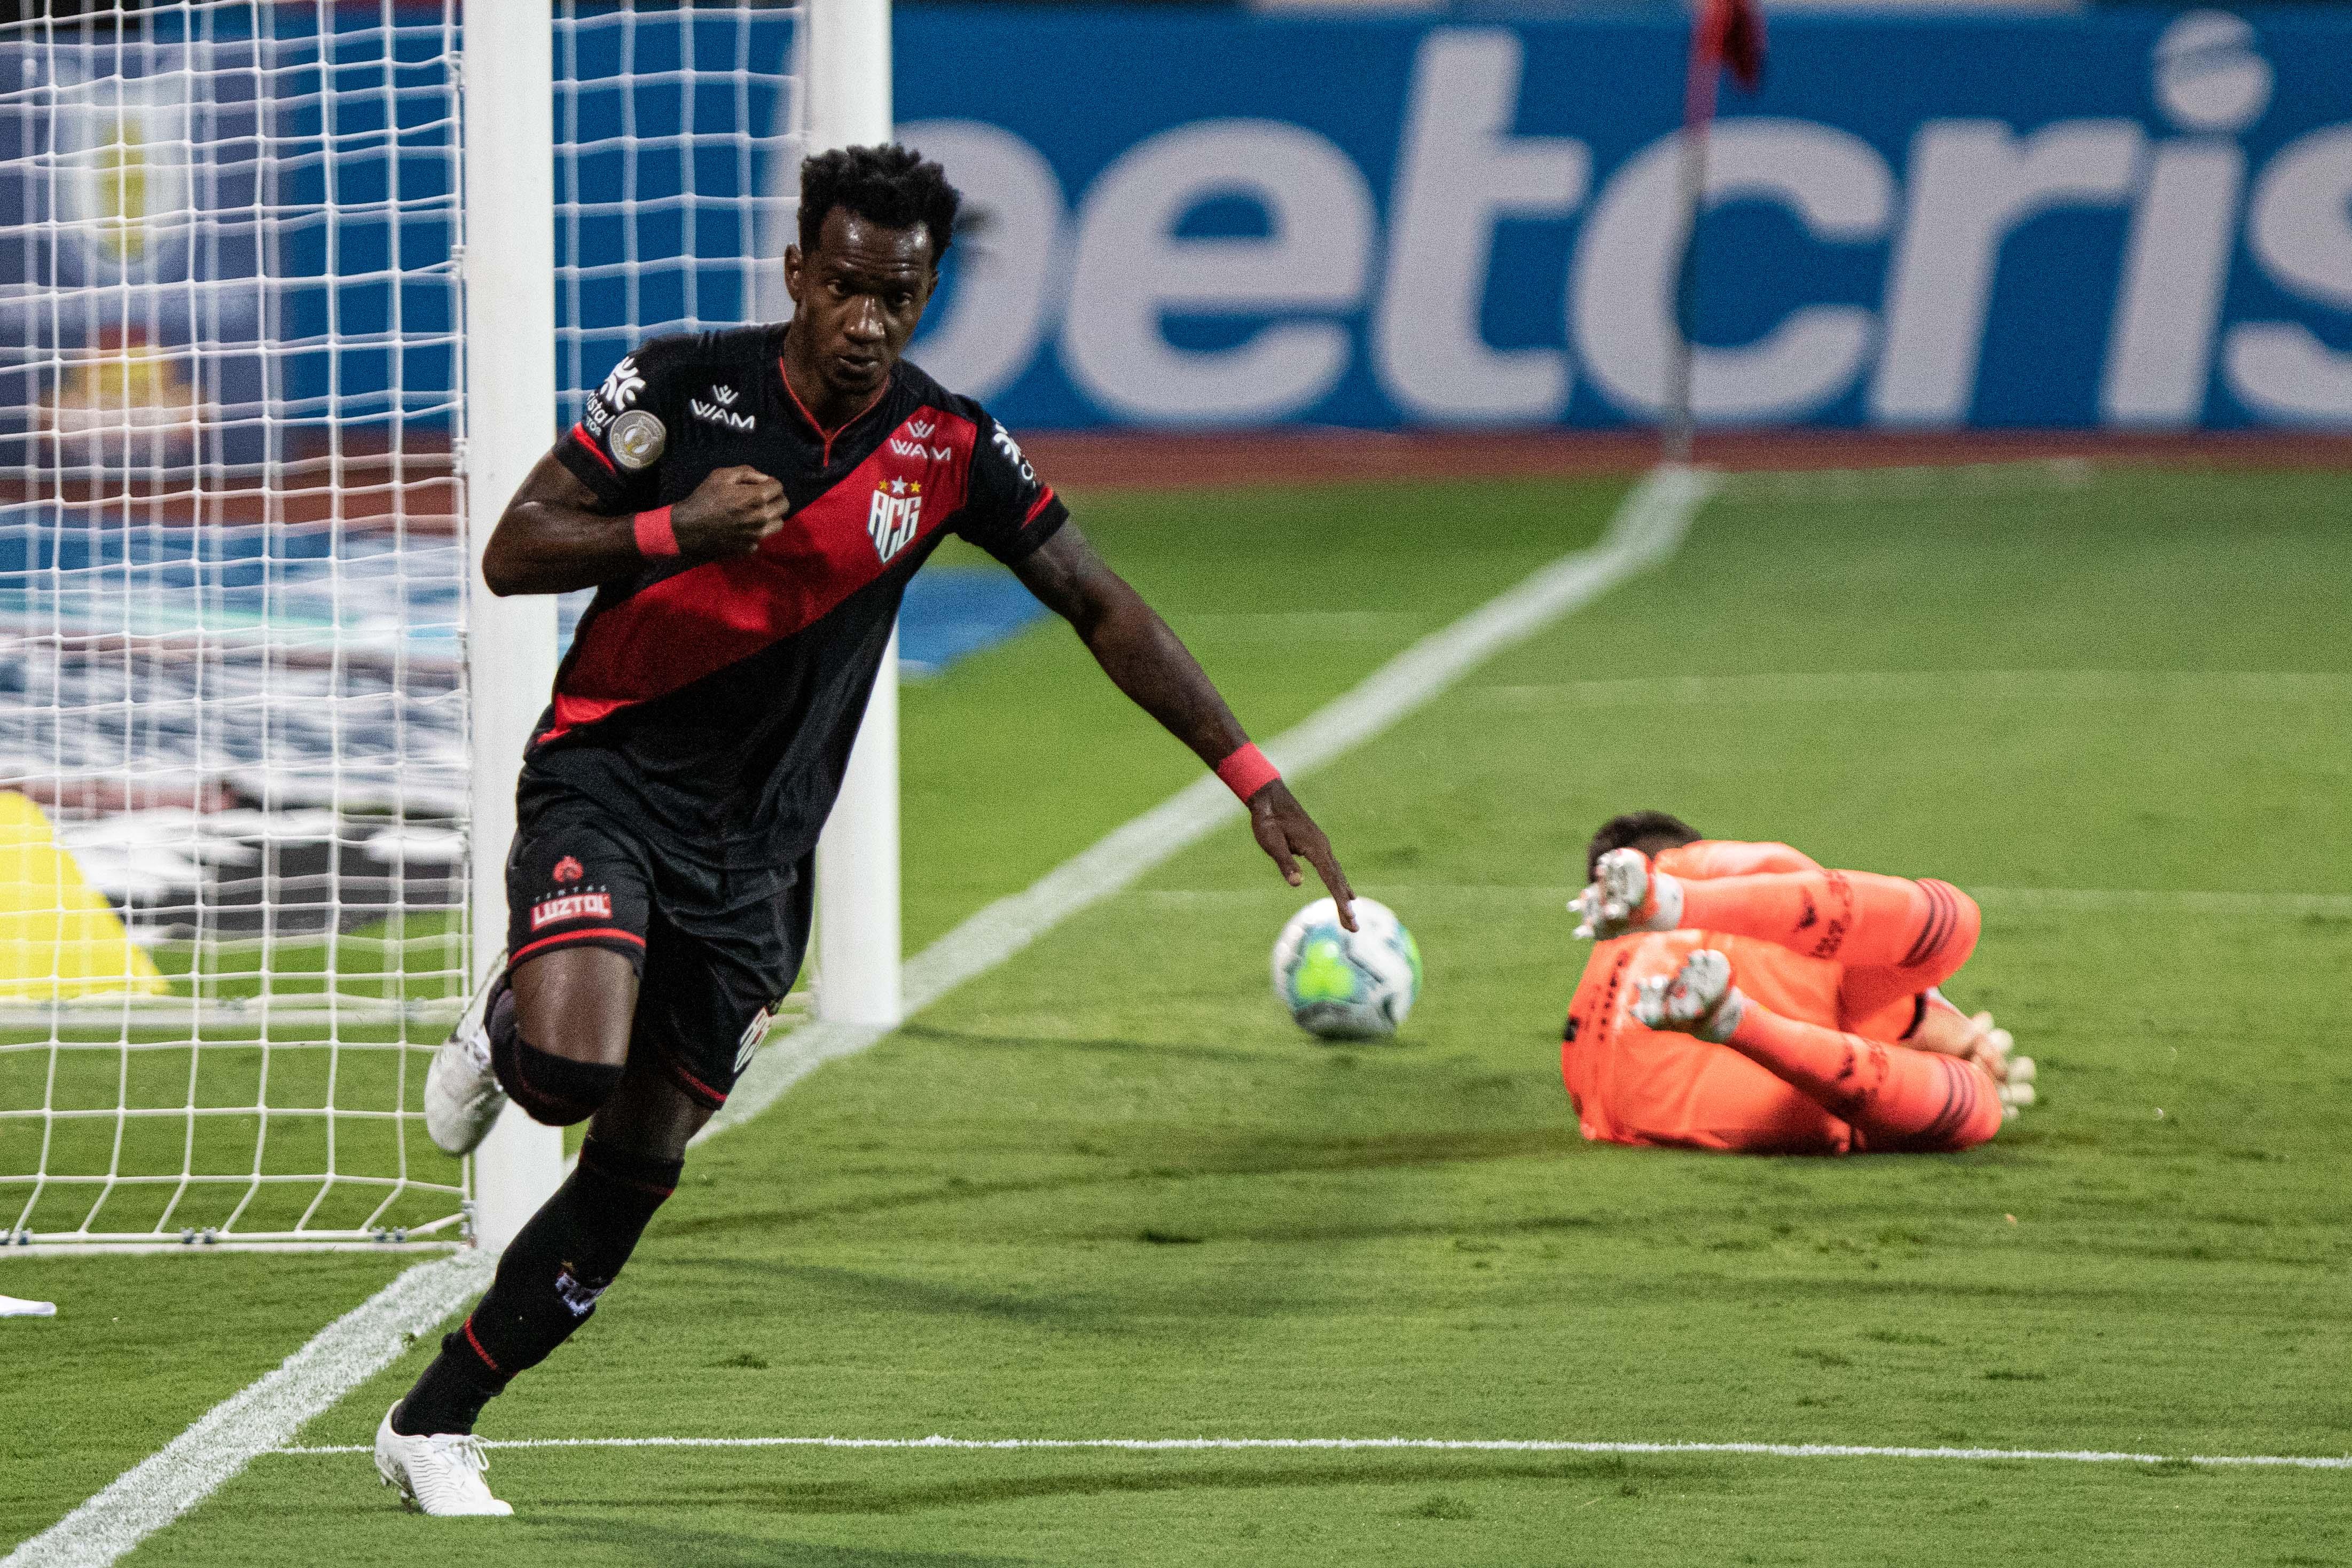 Derrota de 3 a 0 do Flamengo para o Atlético-GO gera memes ...